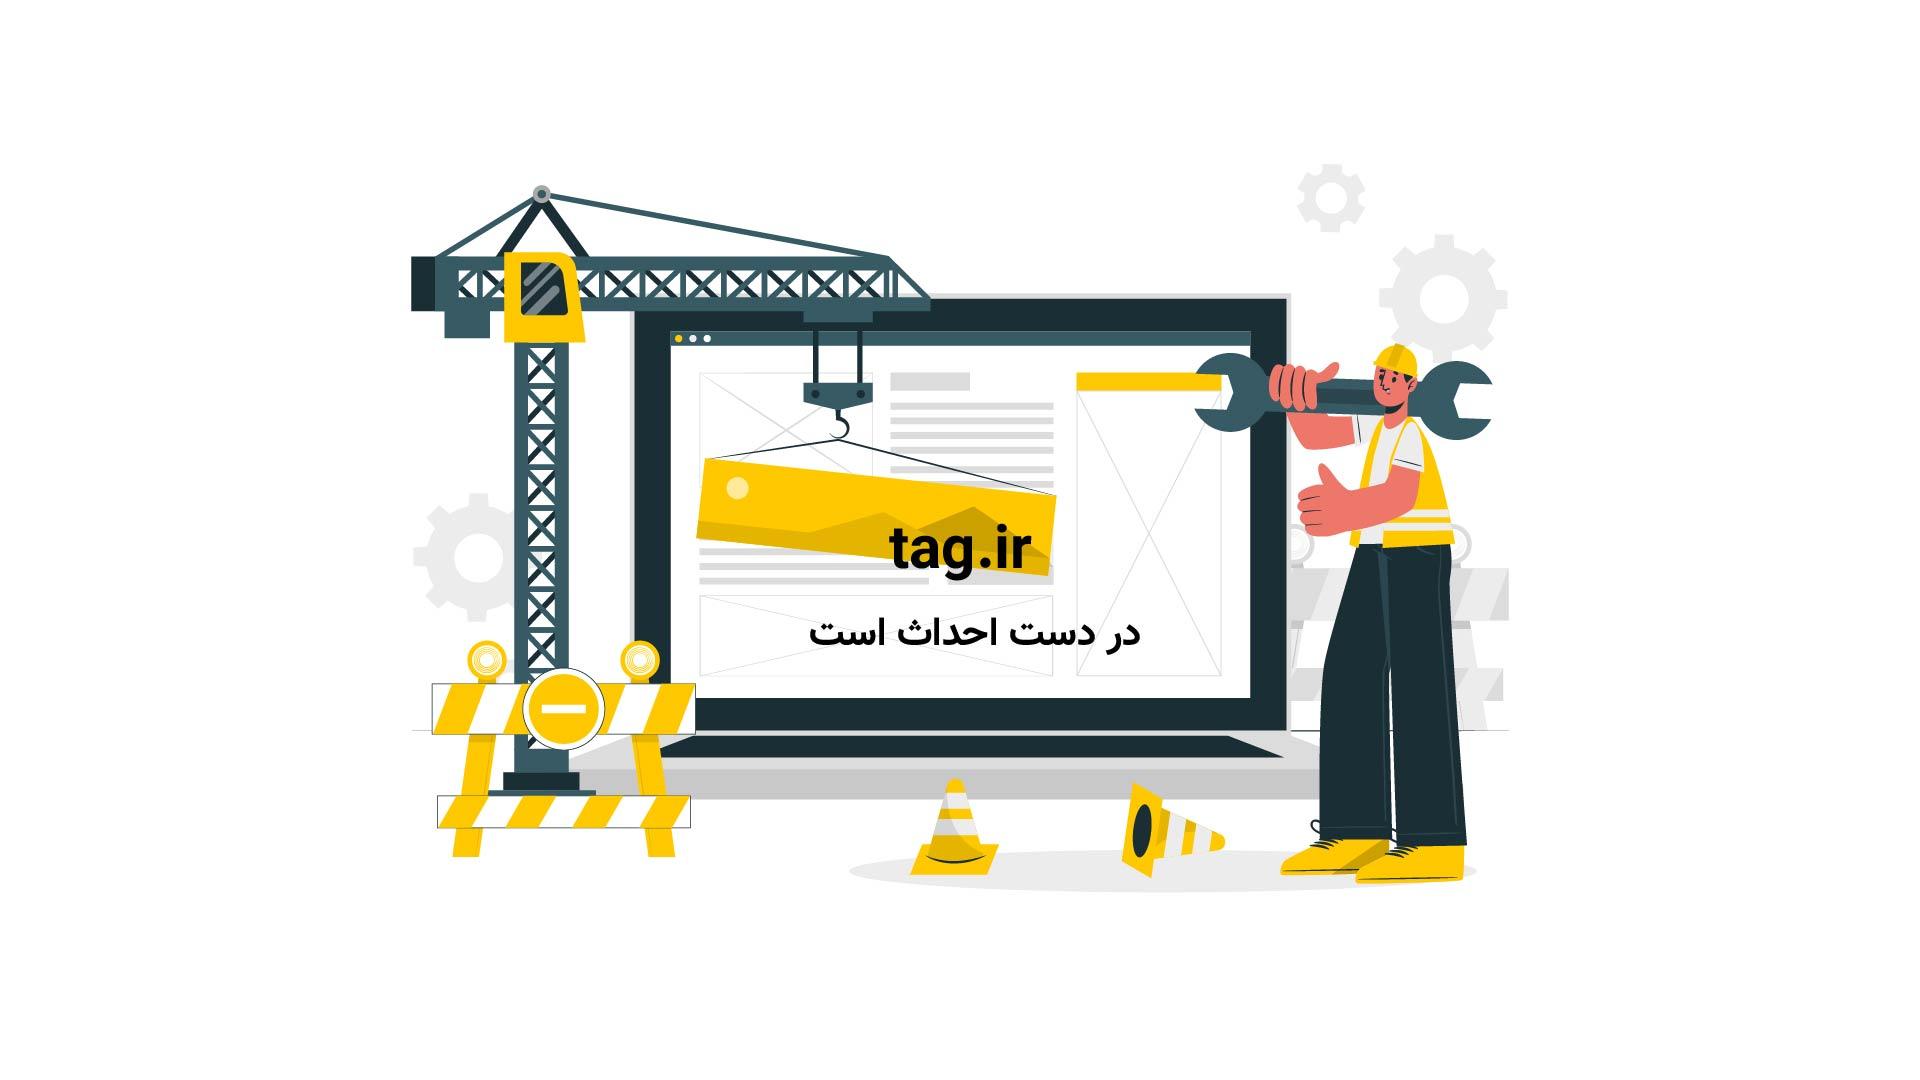 زنبور وحشی | تگ